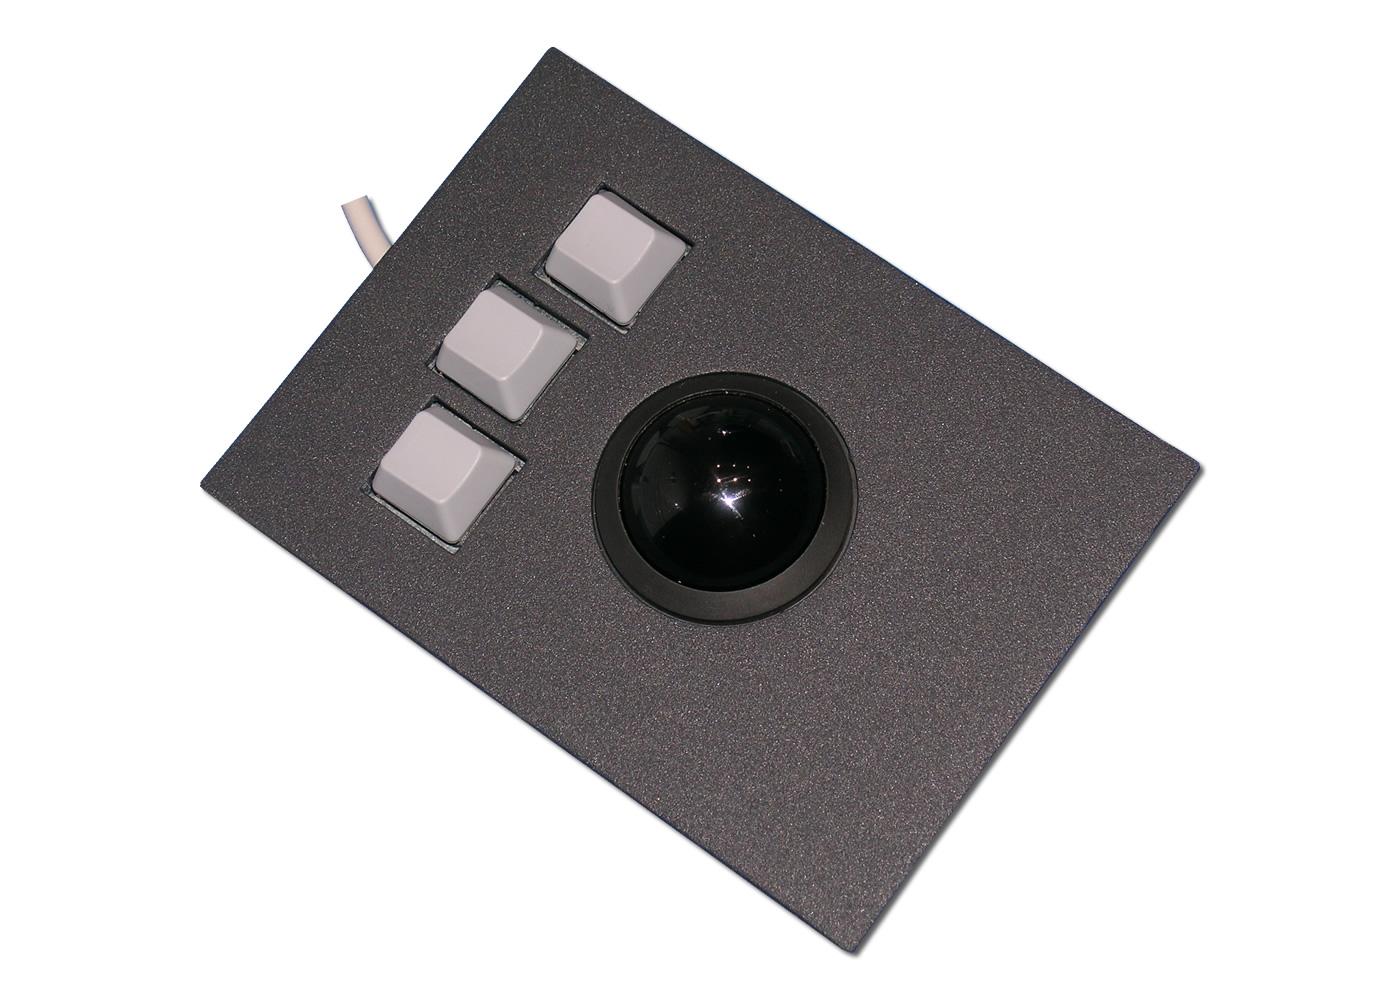 Trackball 38mm industrielle 3 boutons intégrable en panneau par l'avant